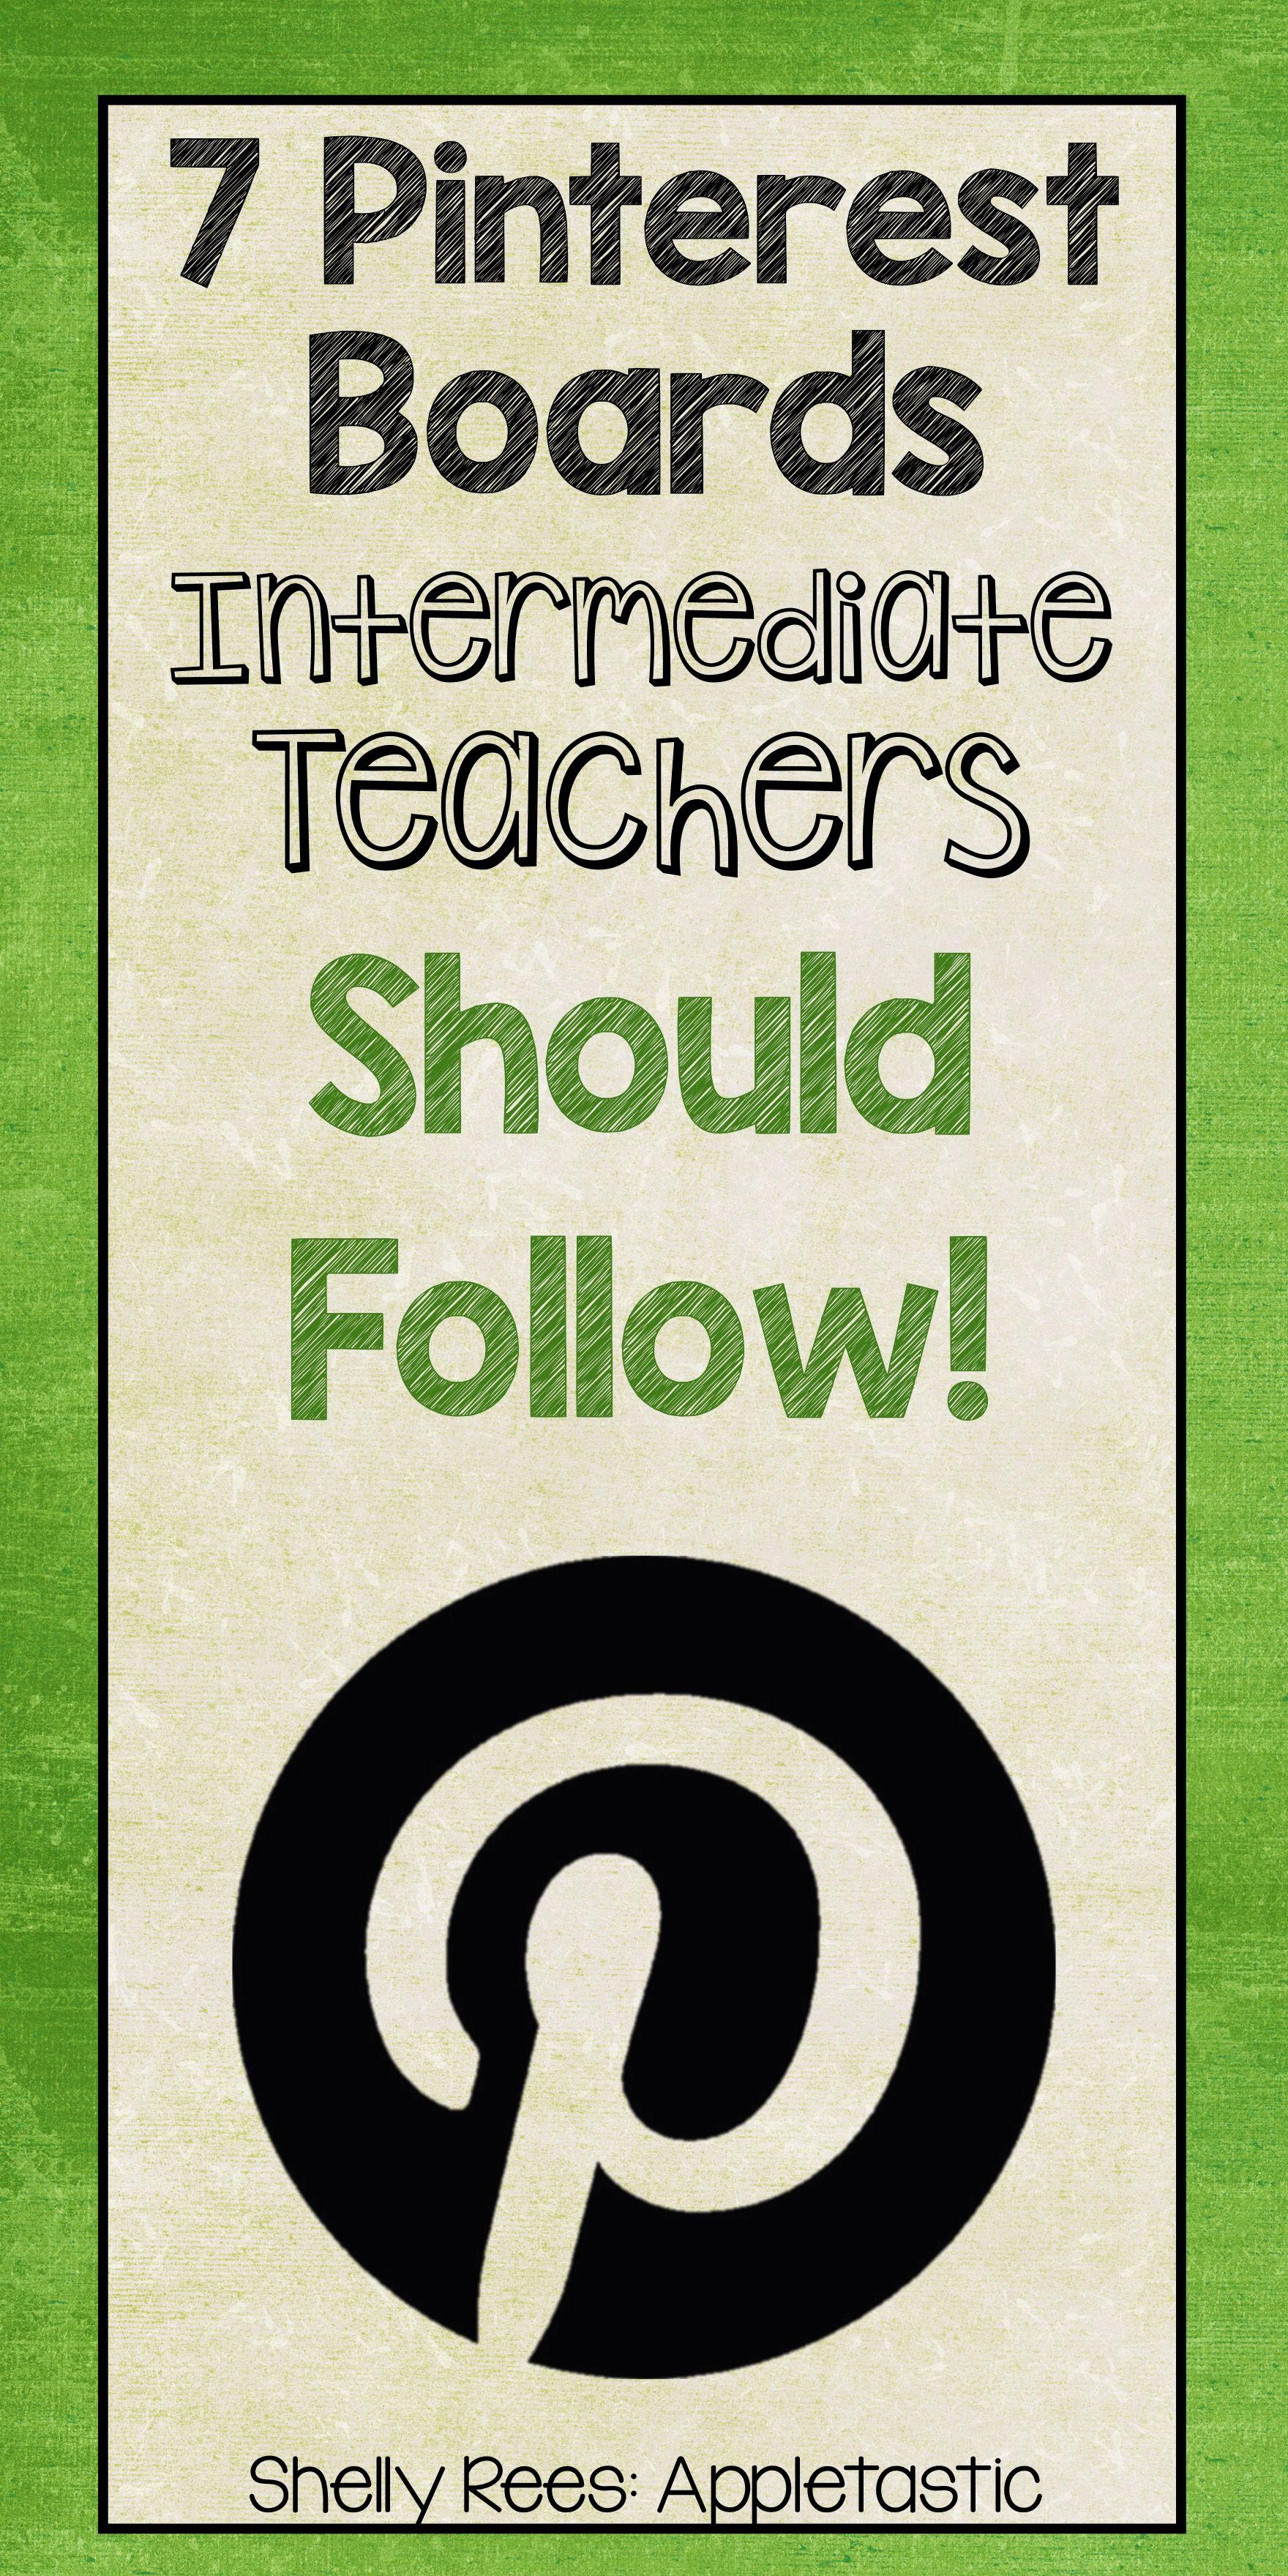 7 Pinterest Boards Intermediate Teachers Should Follow